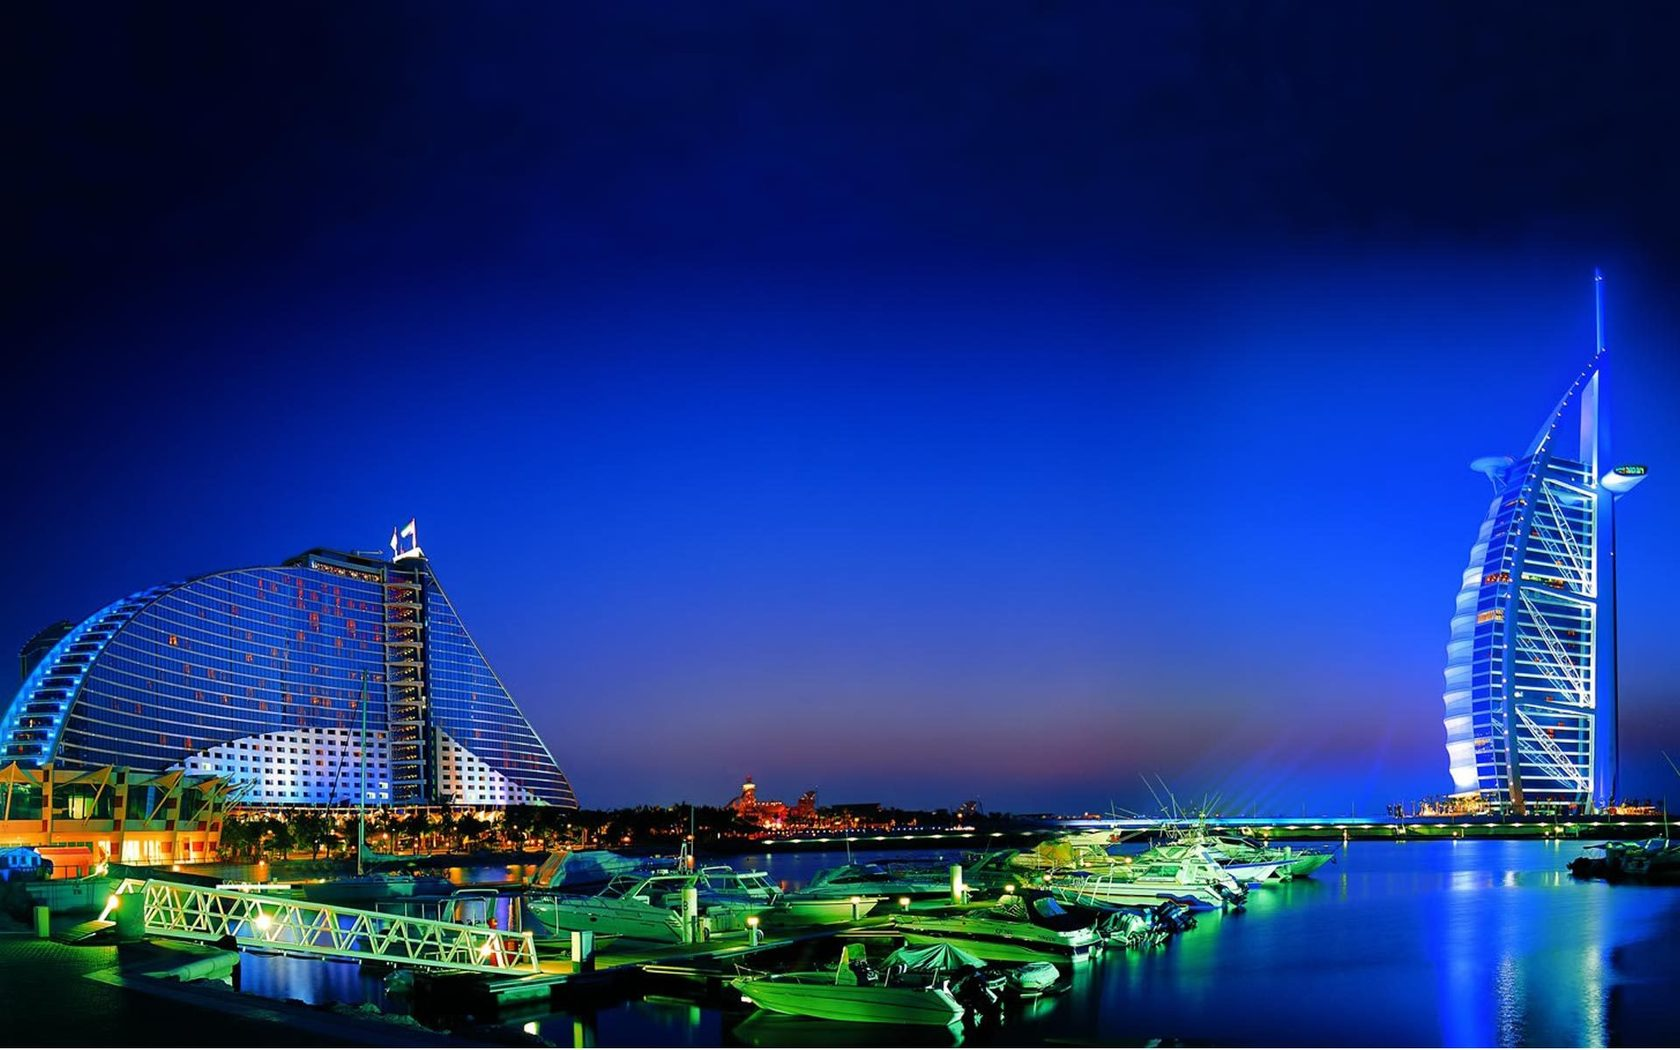 http://3.bp.blogspot.com/-aVk4hesviVc/UKUa3wGJgUI/AAAAAAAAM5E/GI_zNouratE/s1680/dubai_night_view-wallpaper.jpg